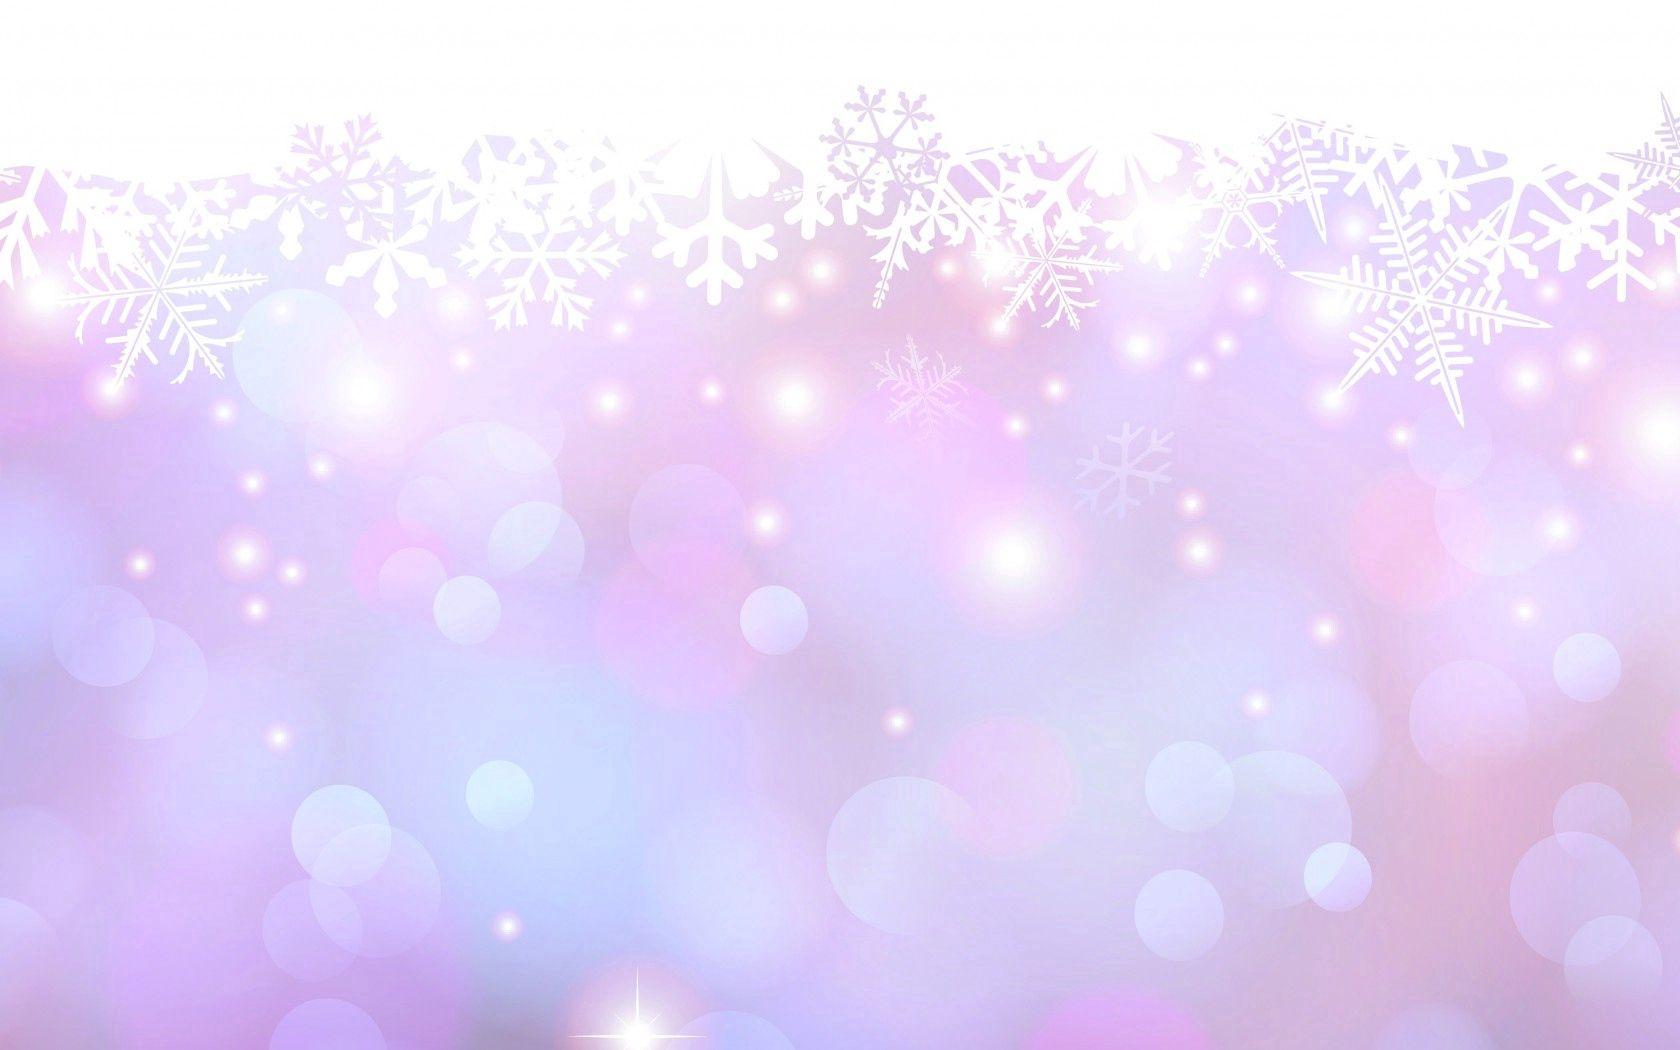 118736 скачать обои Свечение, Абстракция, Снежинки, Пятна, Точки - заставки и картинки бесплатно